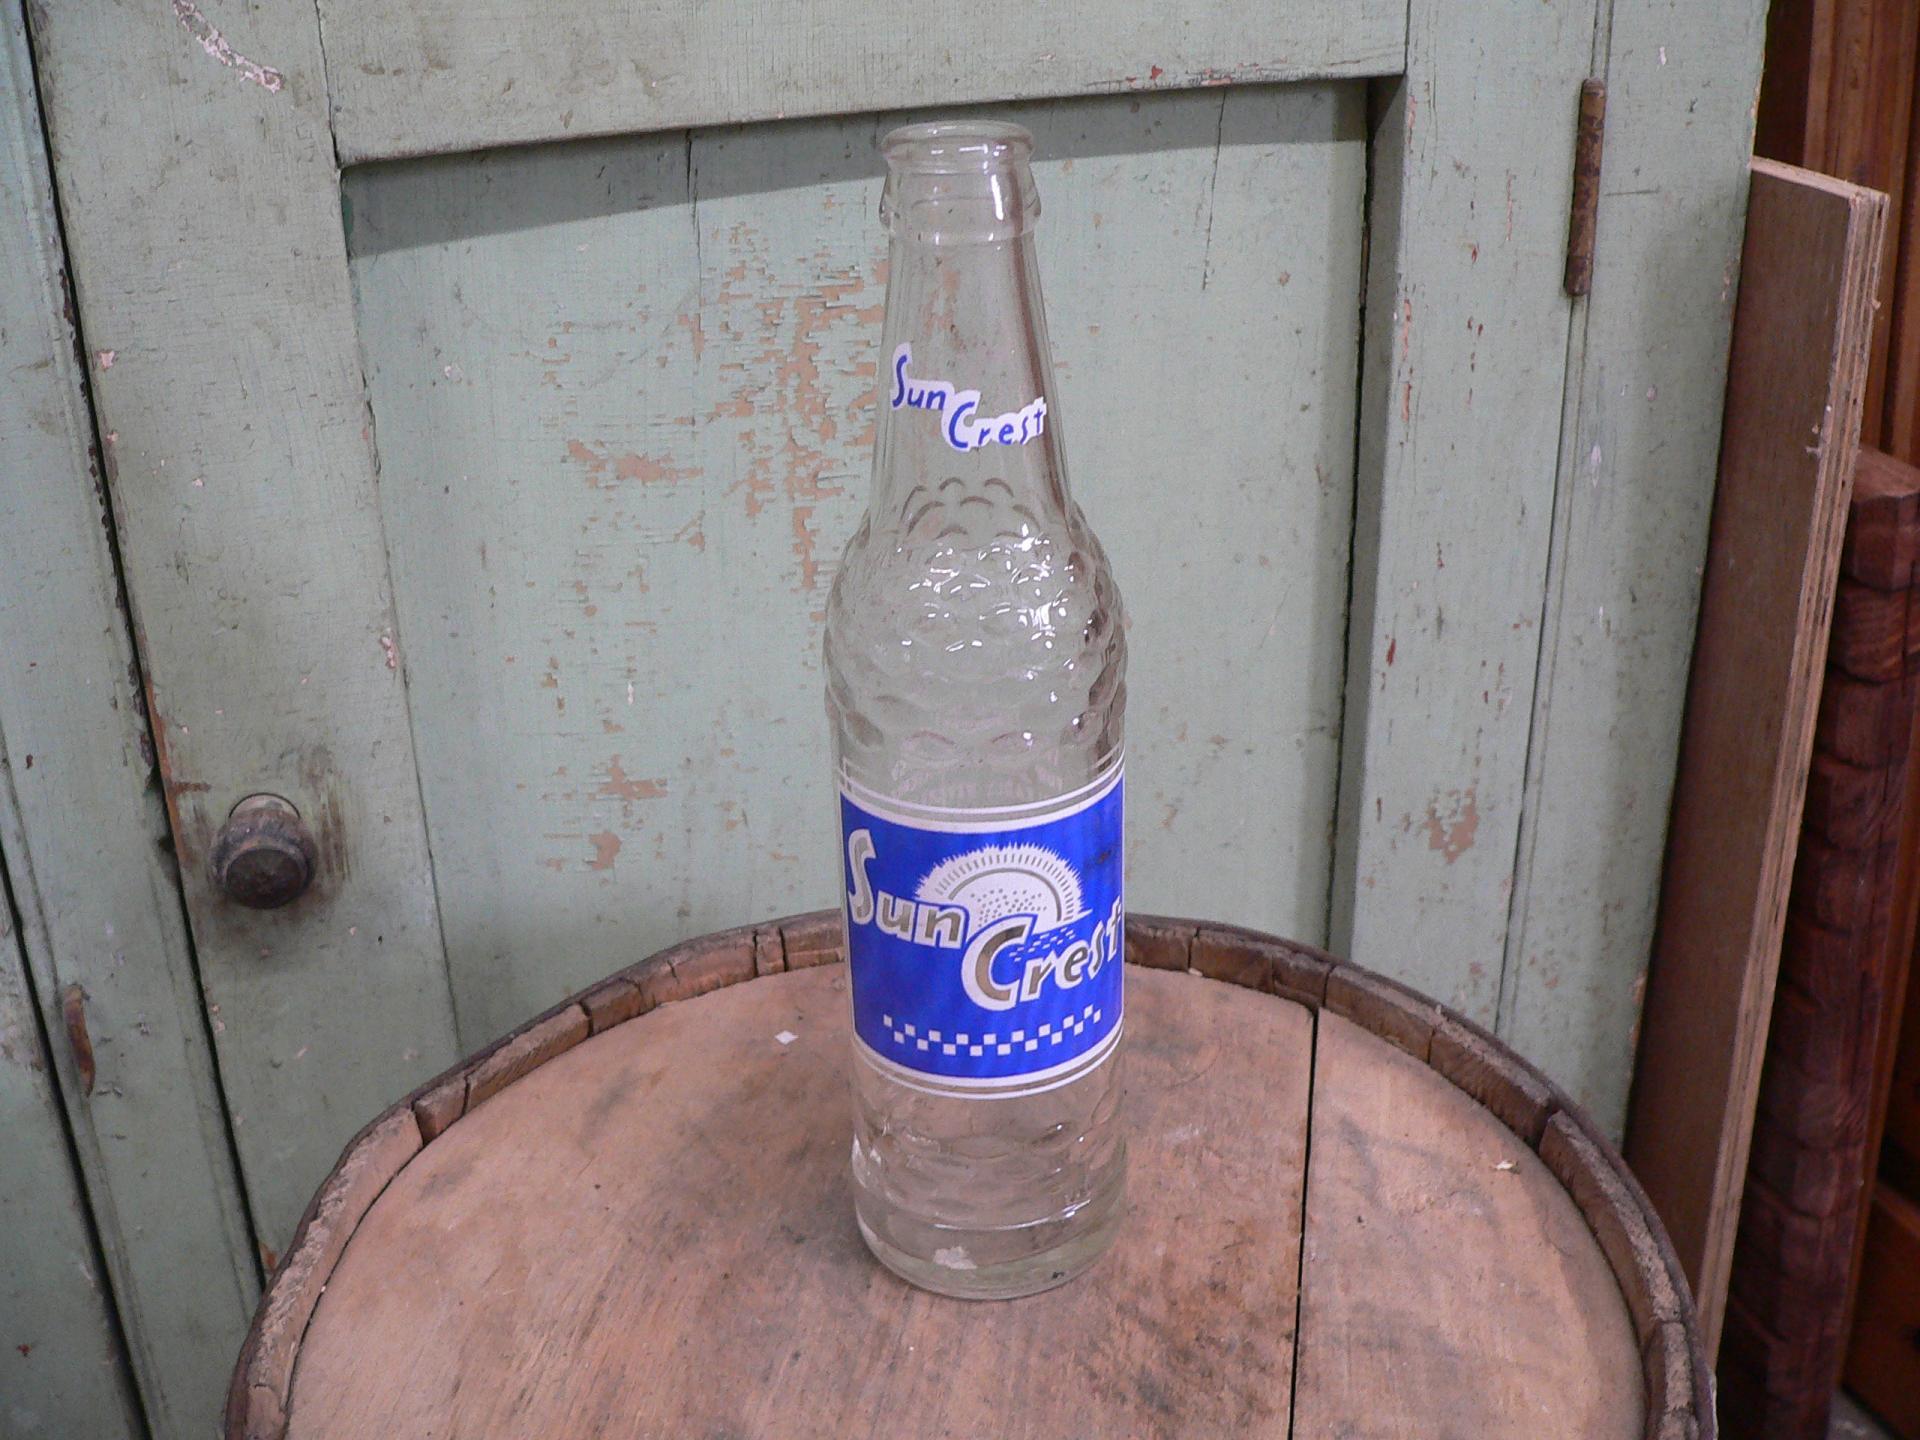 bouteille antique sun crest # 5318.2